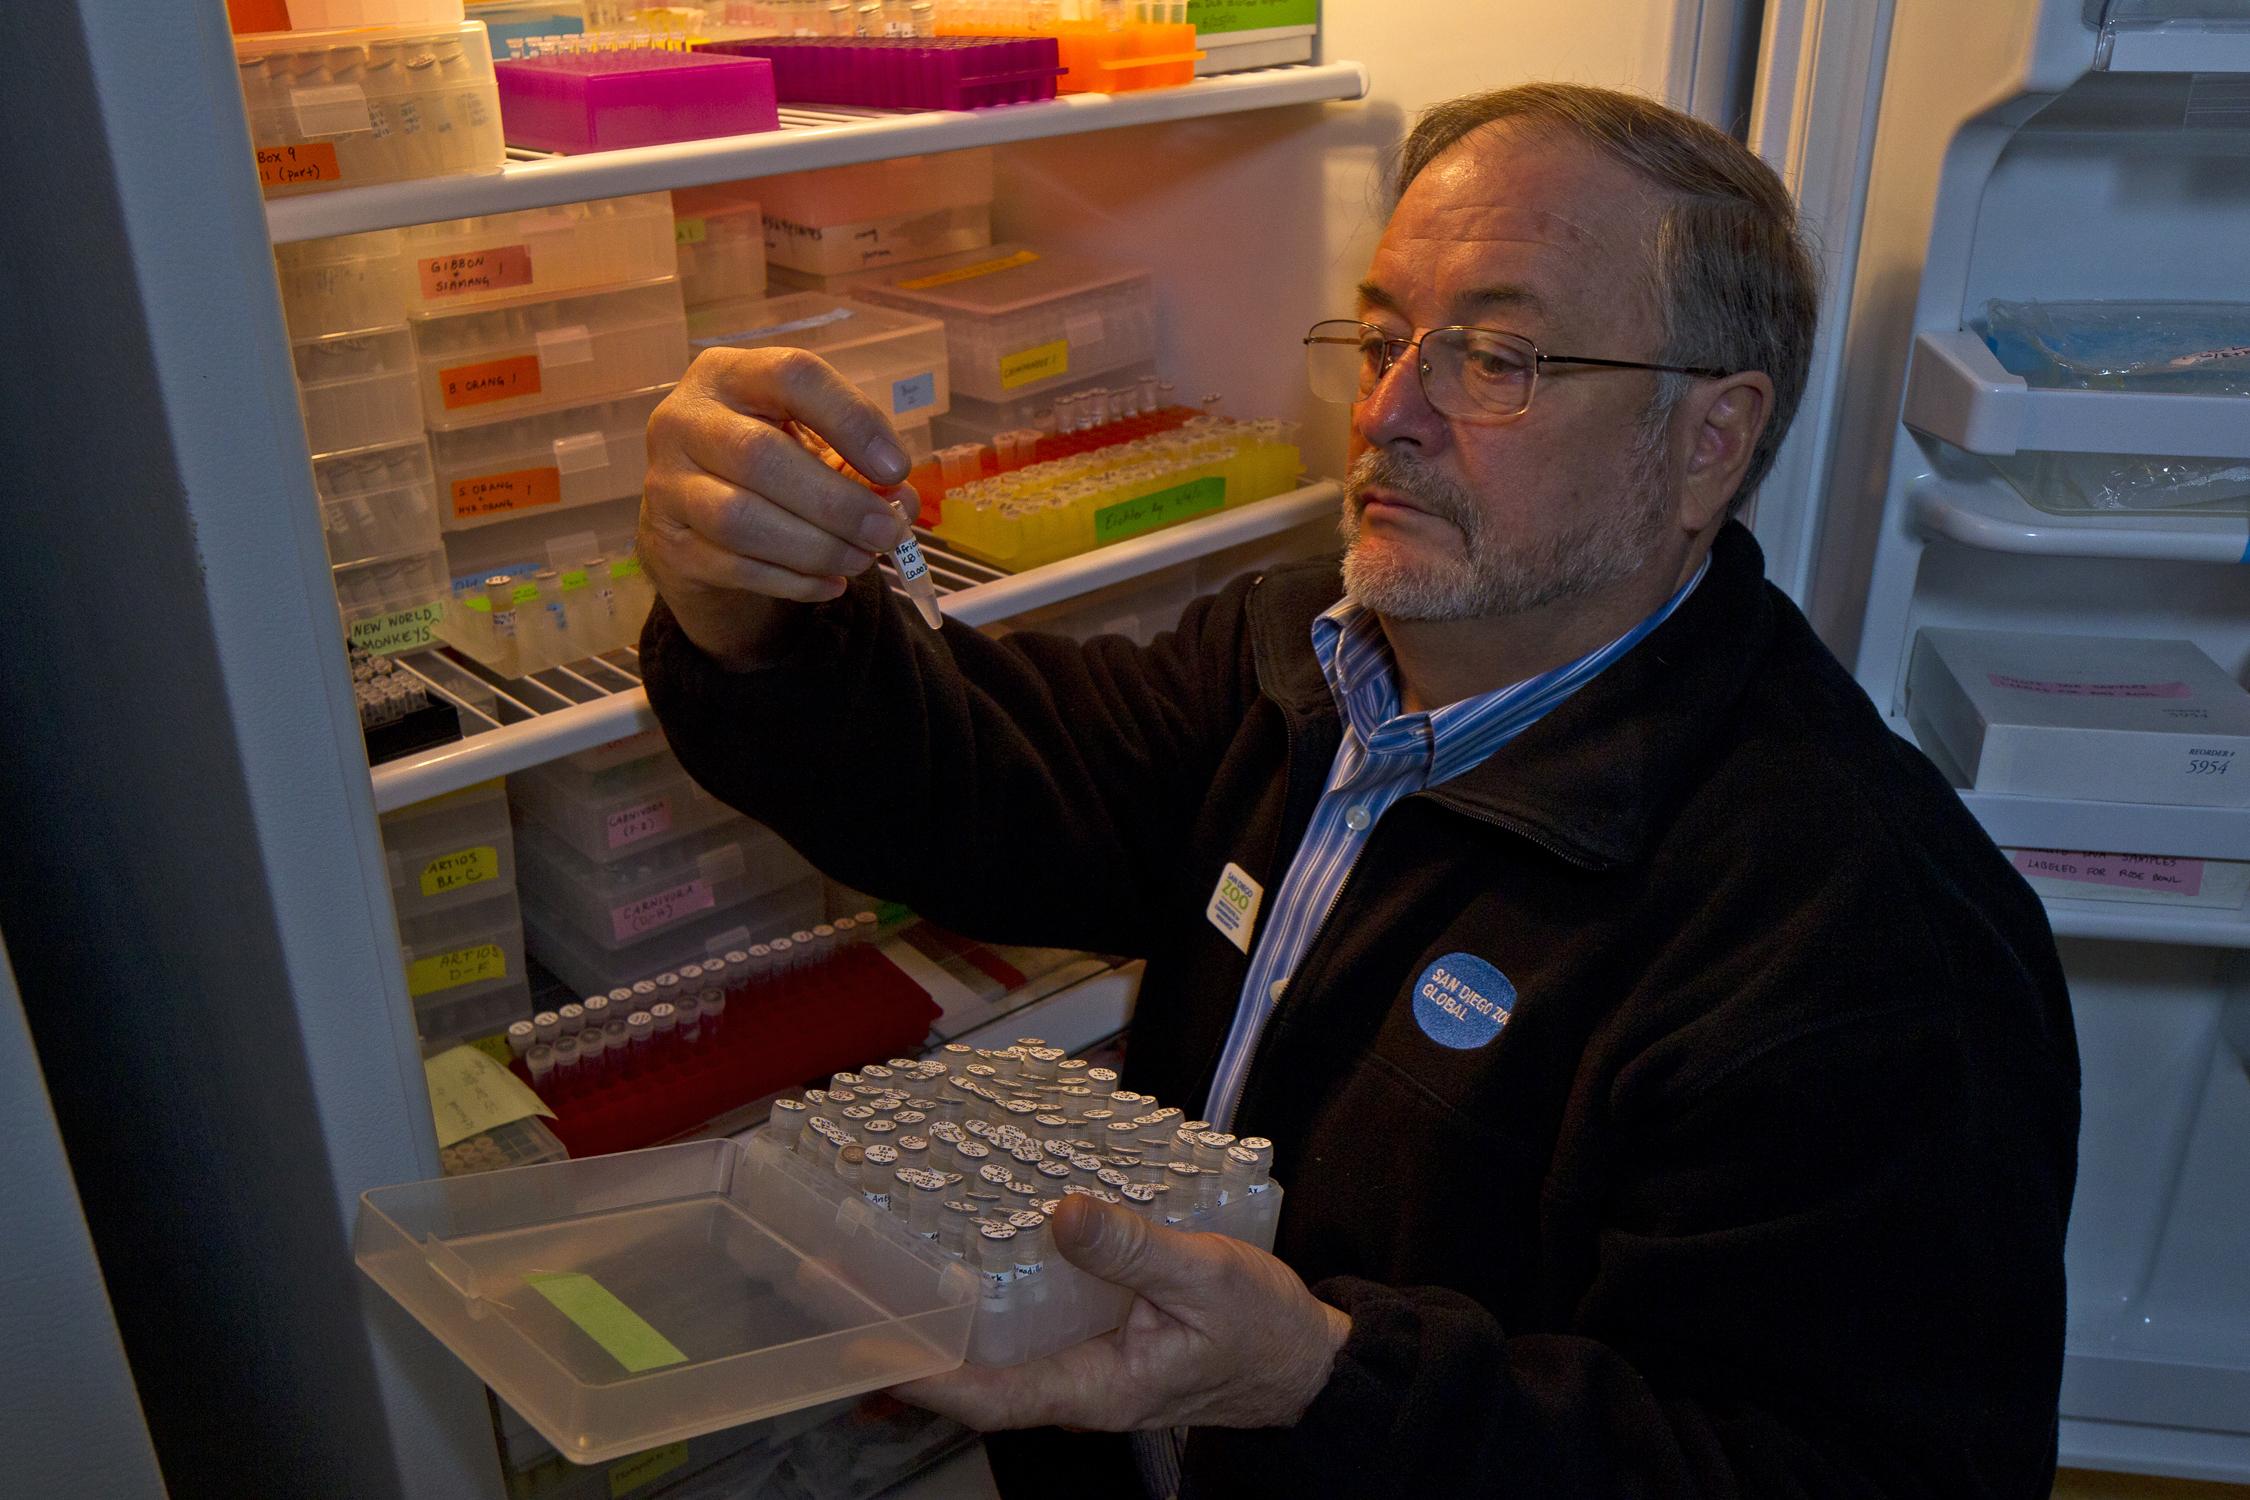 Genetics researcher Oliver Ryder holds up a test tube sample of animal cells